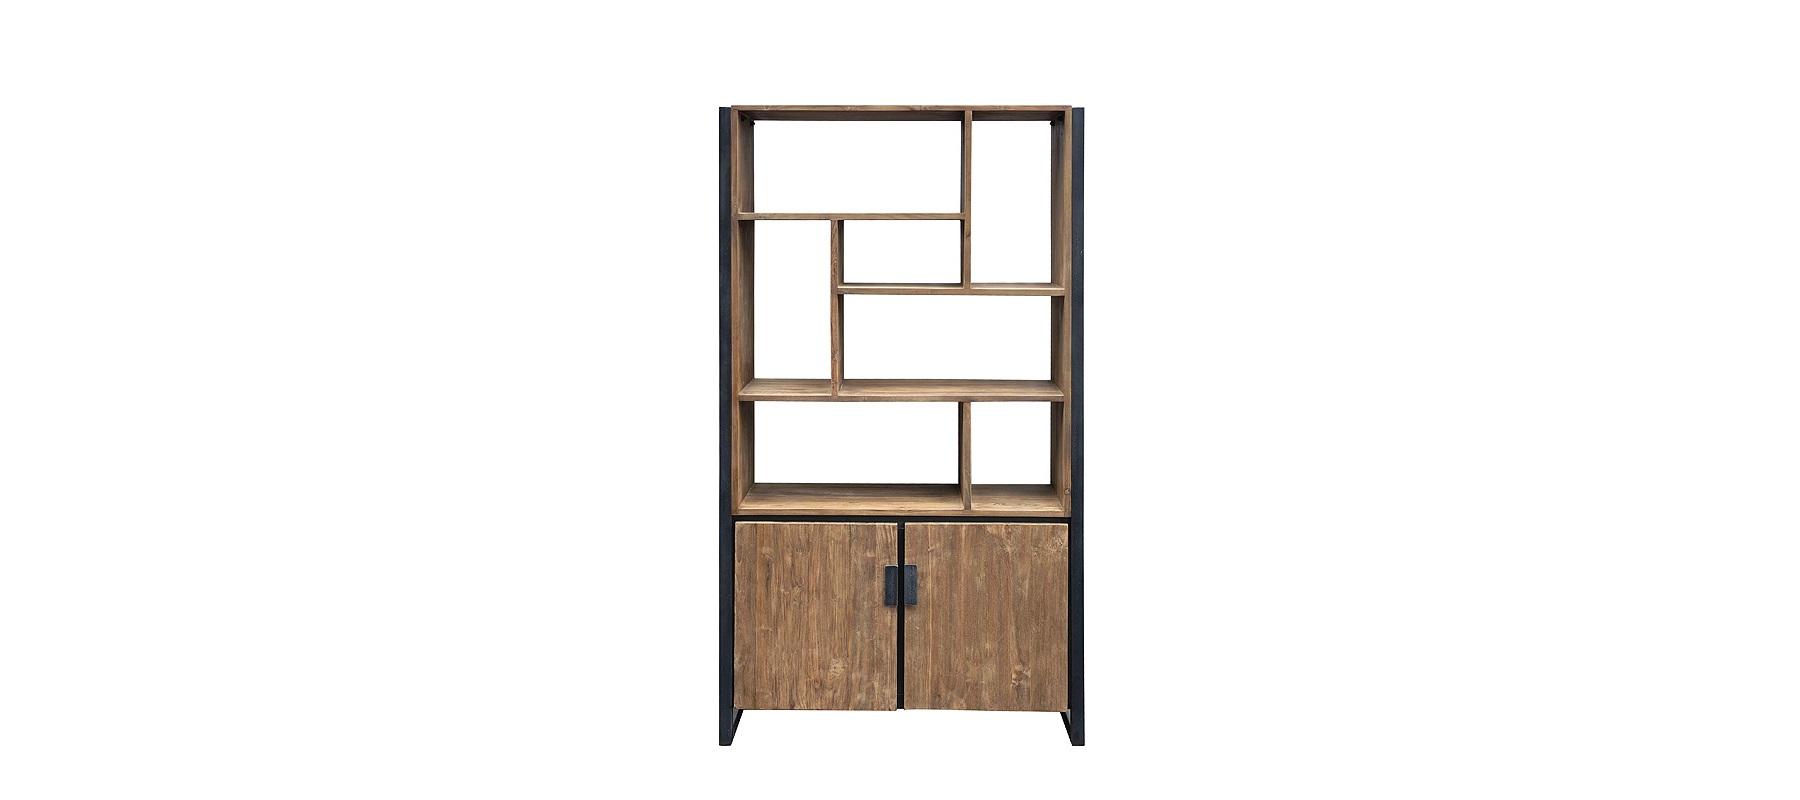 Стеллаж FendyСтеллажи и этажерки<br>Необработанная древесина в сочетании с металлом создает брутальный, полный спокойствия облик. Железная &amp;quot;рама&amp;quot; будто сдерживает красоту натурального тика. Так рождается элегантный силуэт, подходящий для лофта. Асимметрично расположенные полки придают оригинальность аскетичному дизайну, основанному на естественной красоте природных материалов.<br><br>Material: Тик<br>Ширина см: 110<br>Высота см: 190<br>Глубина см: 35